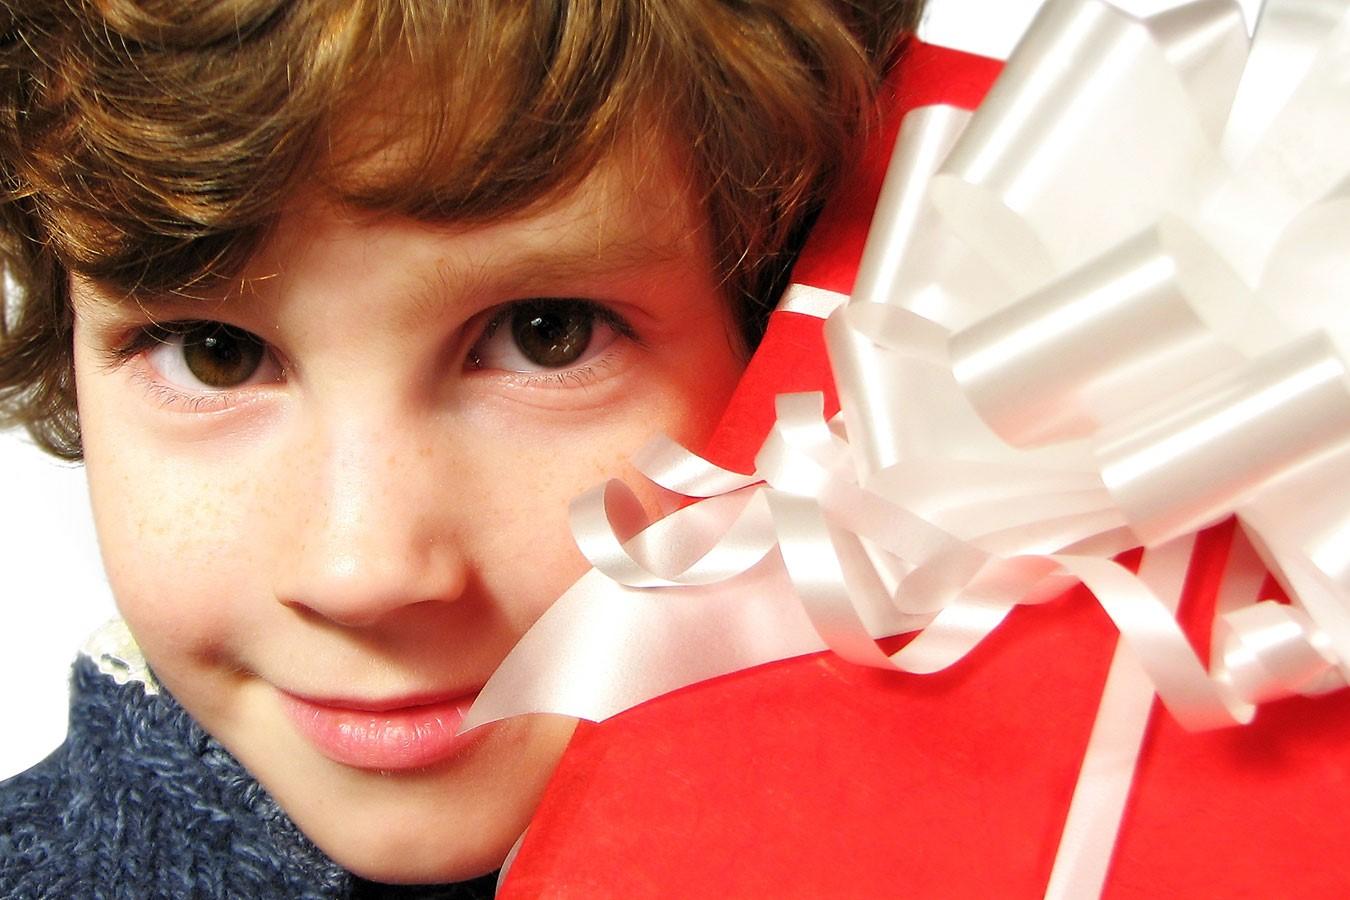 ТОП 10 подарков школьникам к любому празднику и для разных возрастов 19